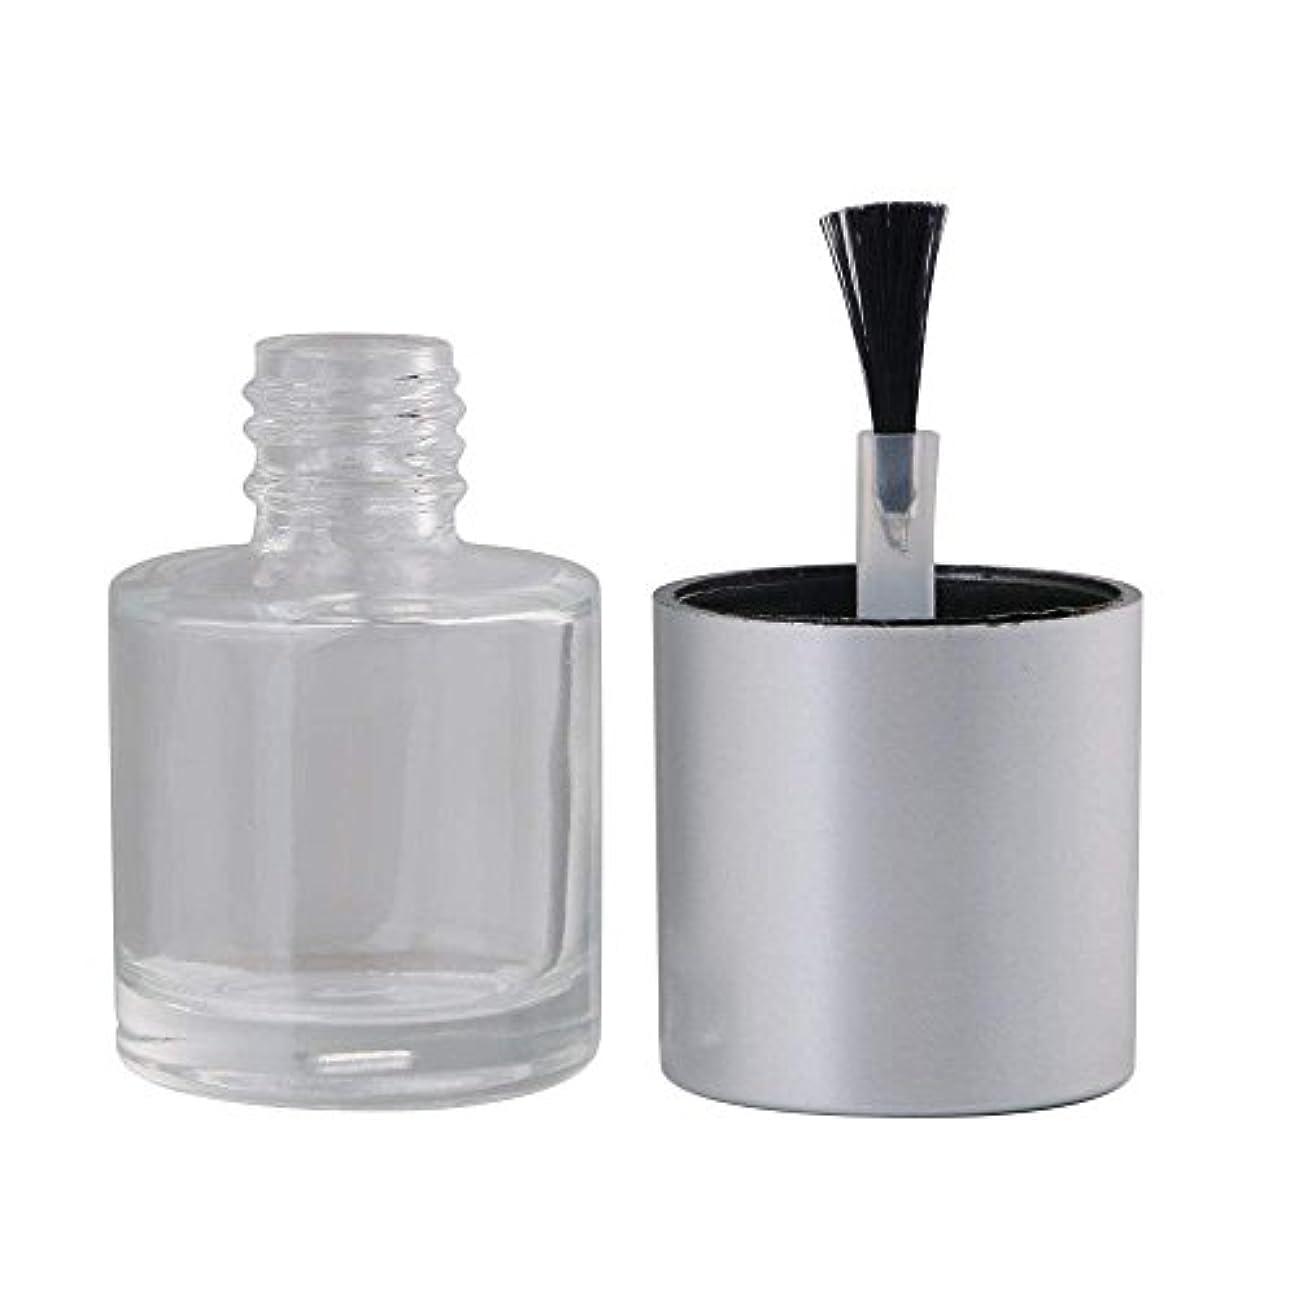 考えた続編罪悪感Diystyle 10個入 マニキュアボトル 空ボトル 10ml 小分けボトル 詰め替え 化粧品収納 旅行用品 ガラス グレー